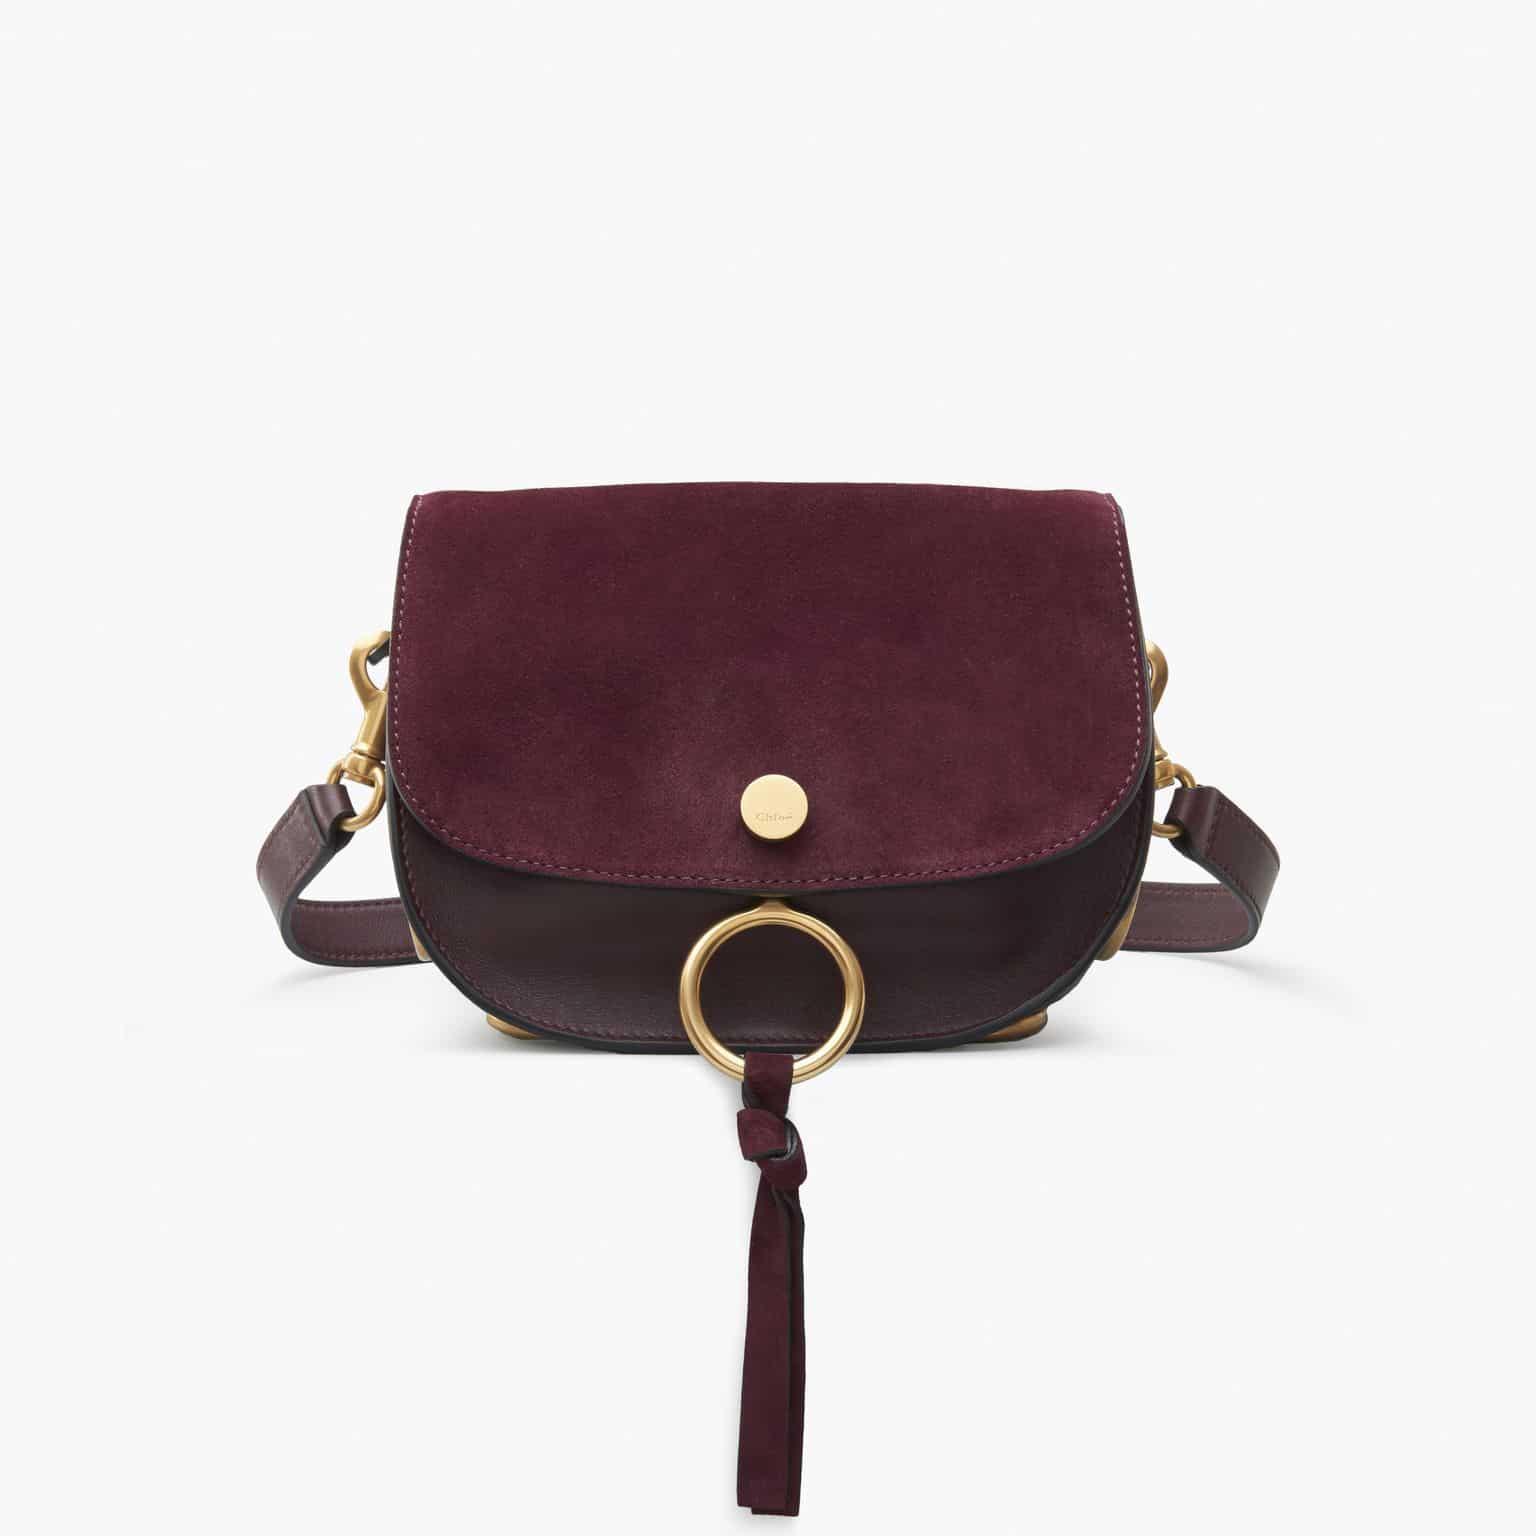 Chloe Kurtis Shoulder Bag Reference Guide – Spotted Fashion